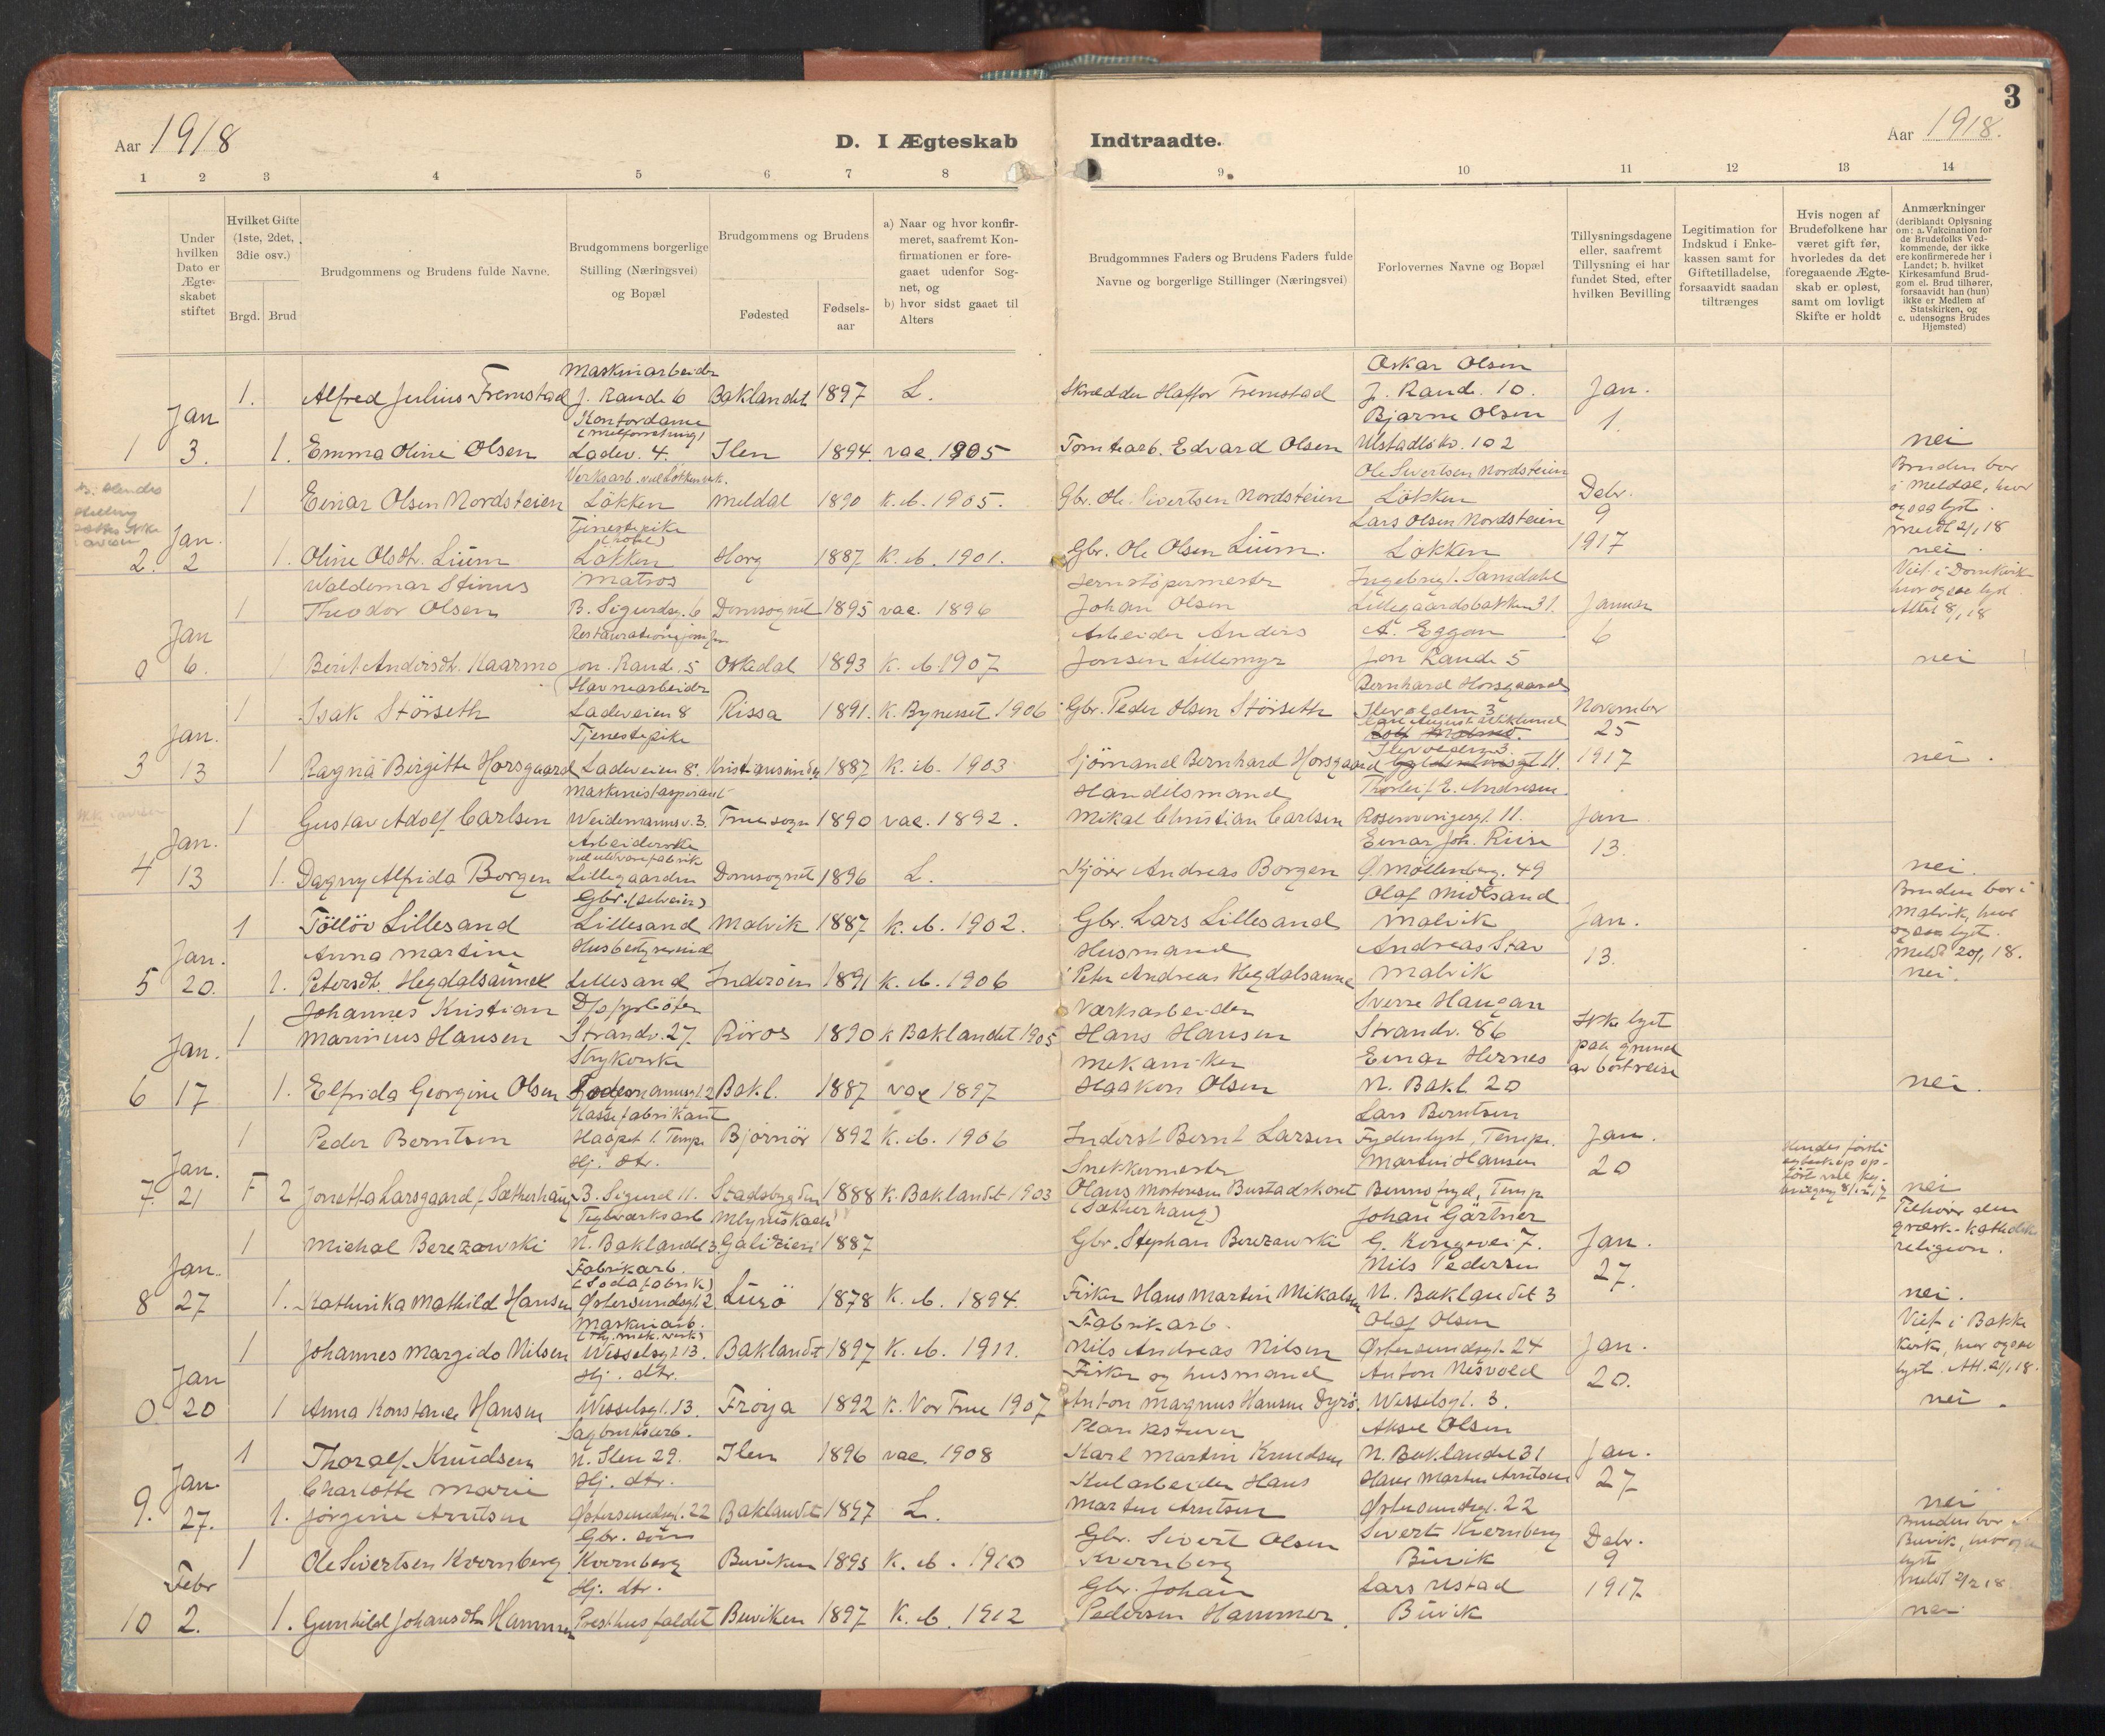 SAT, Ministerialprotokoller, klokkerbøker og fødselsregistre - Sør-Trøndelag, 605/L0245: Ministerialbok nr. 605A07, 1916-1938, s. 3